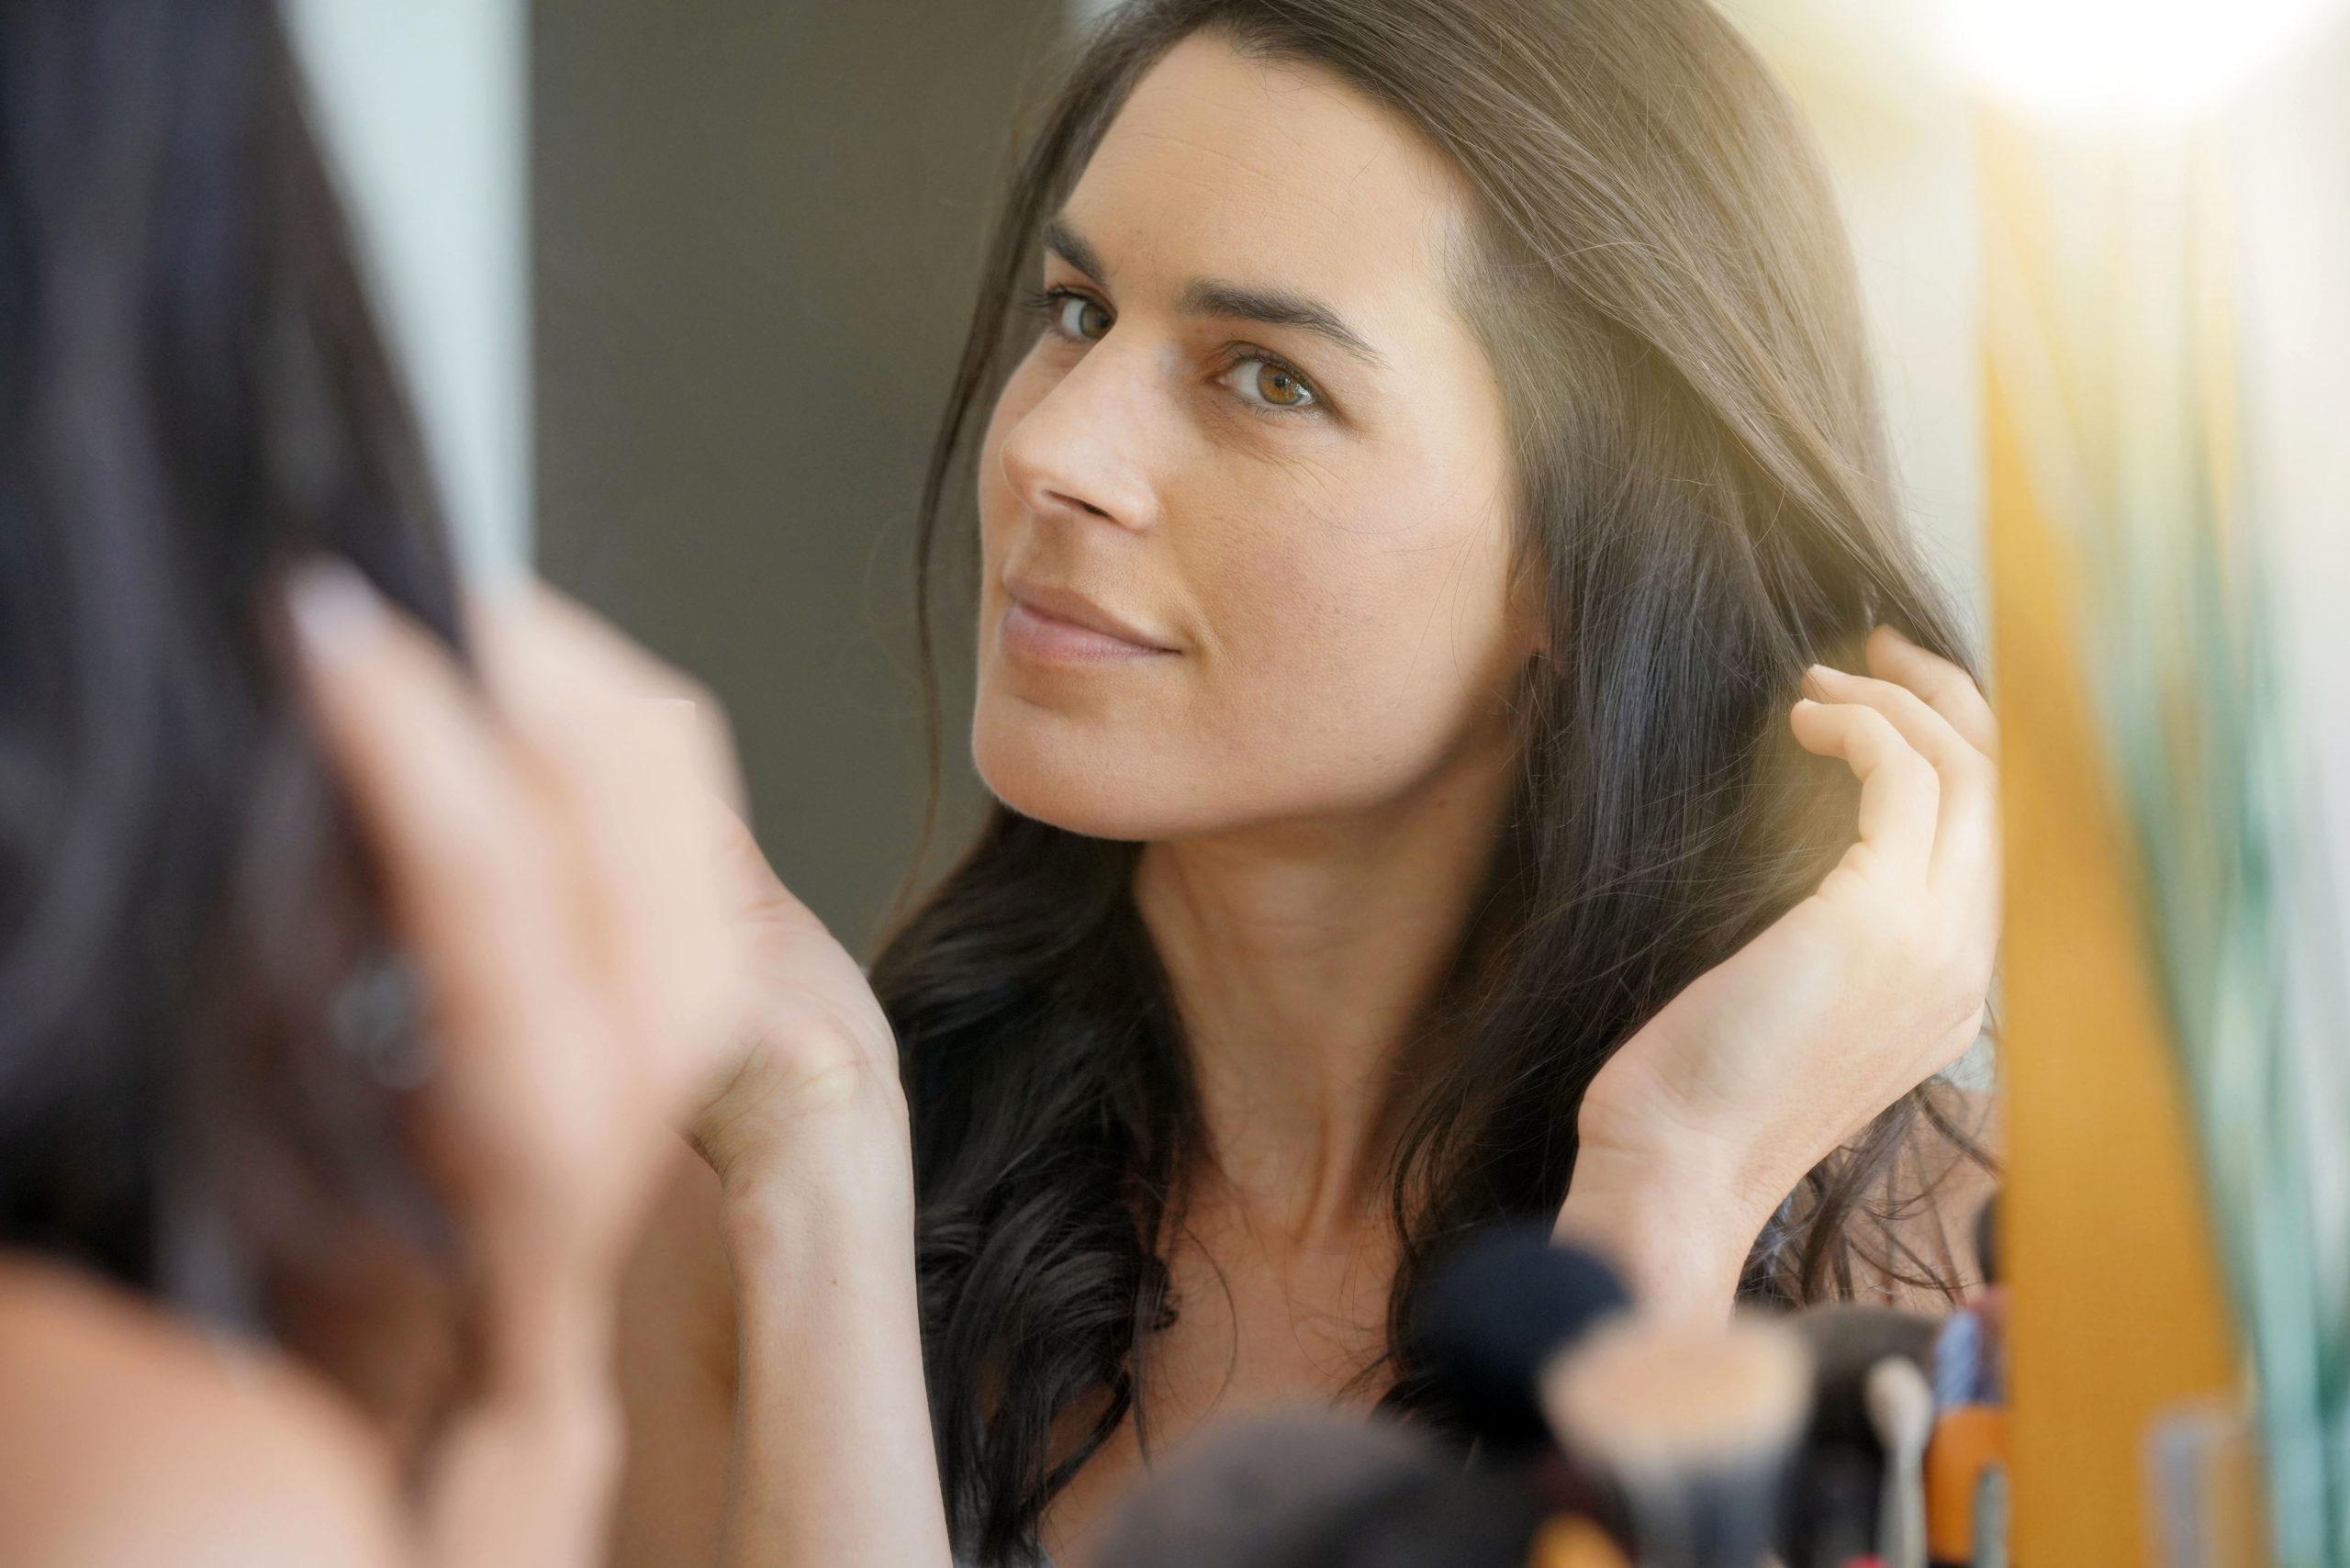 Frau betrachtet sich im Spiegel - Kollagen